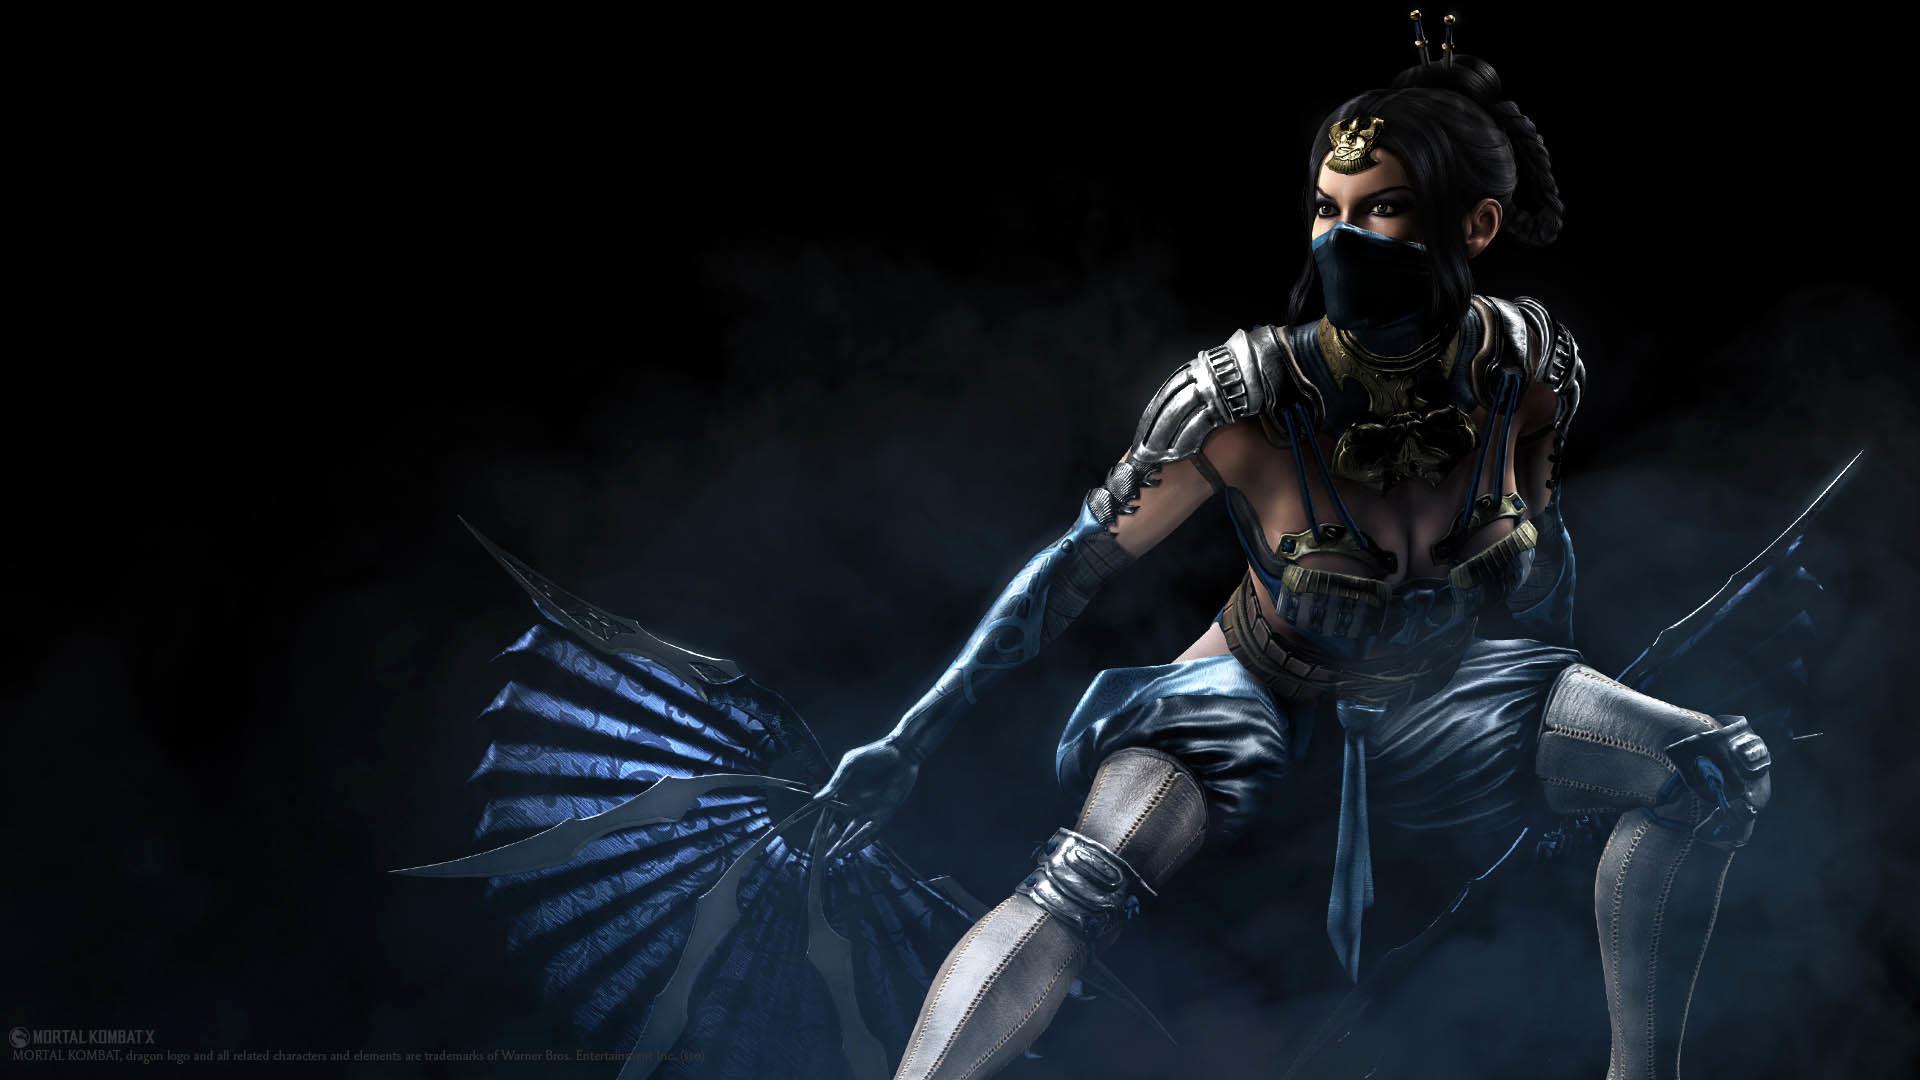 1920x1080 Mortal Kombat X - Kitana 1920x1080 wallpaper